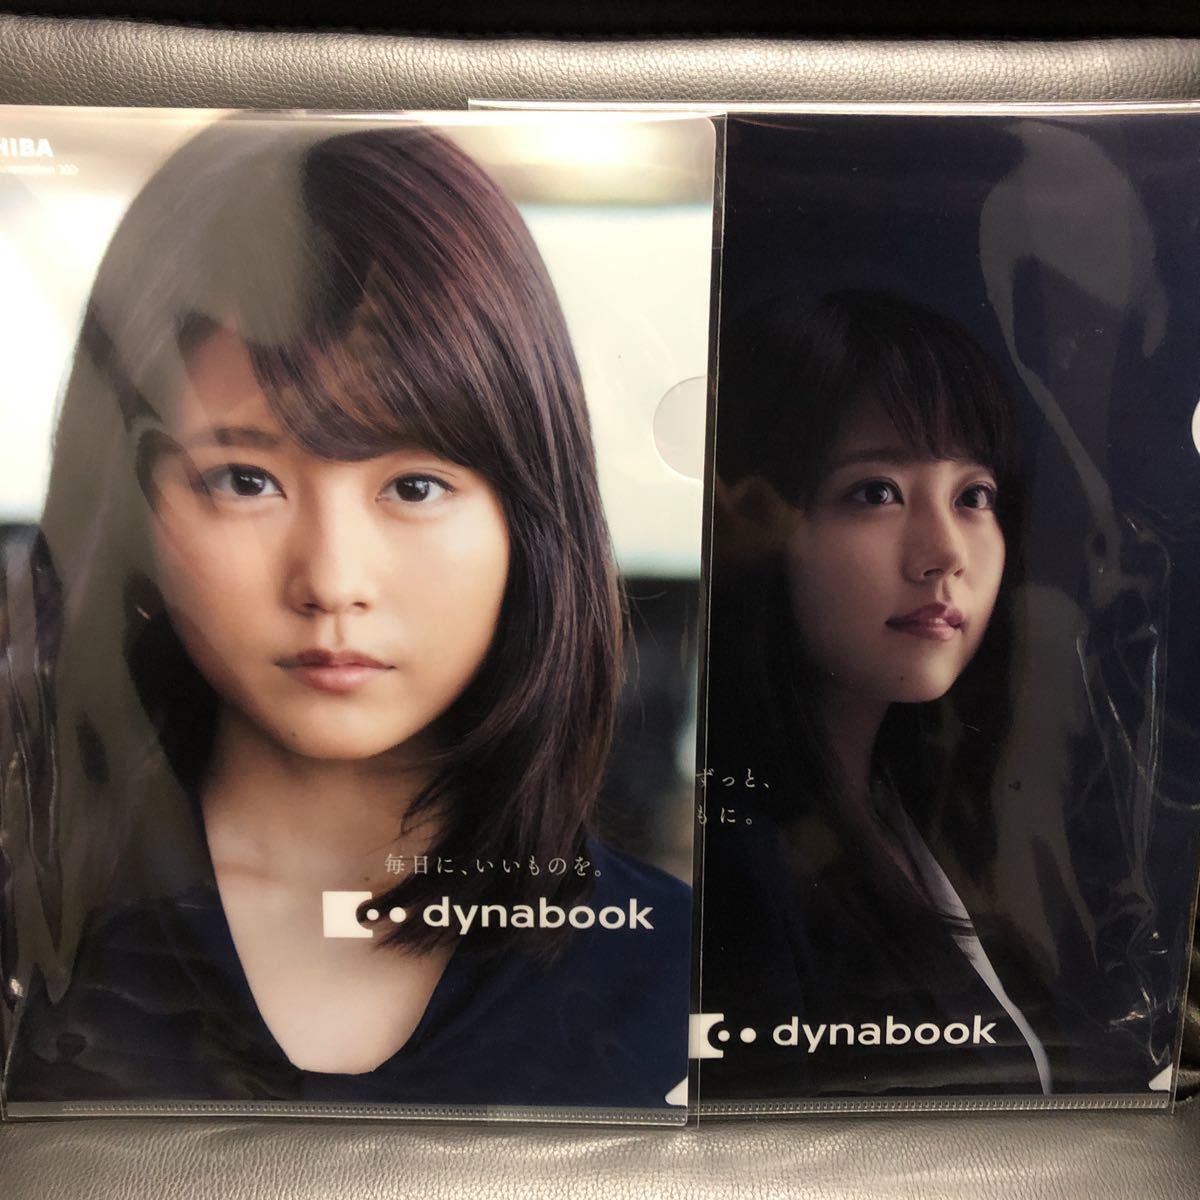 未使用★有村架純  非売品クリアファイル 東芝 dynabook 2種2枚セット★_画像1